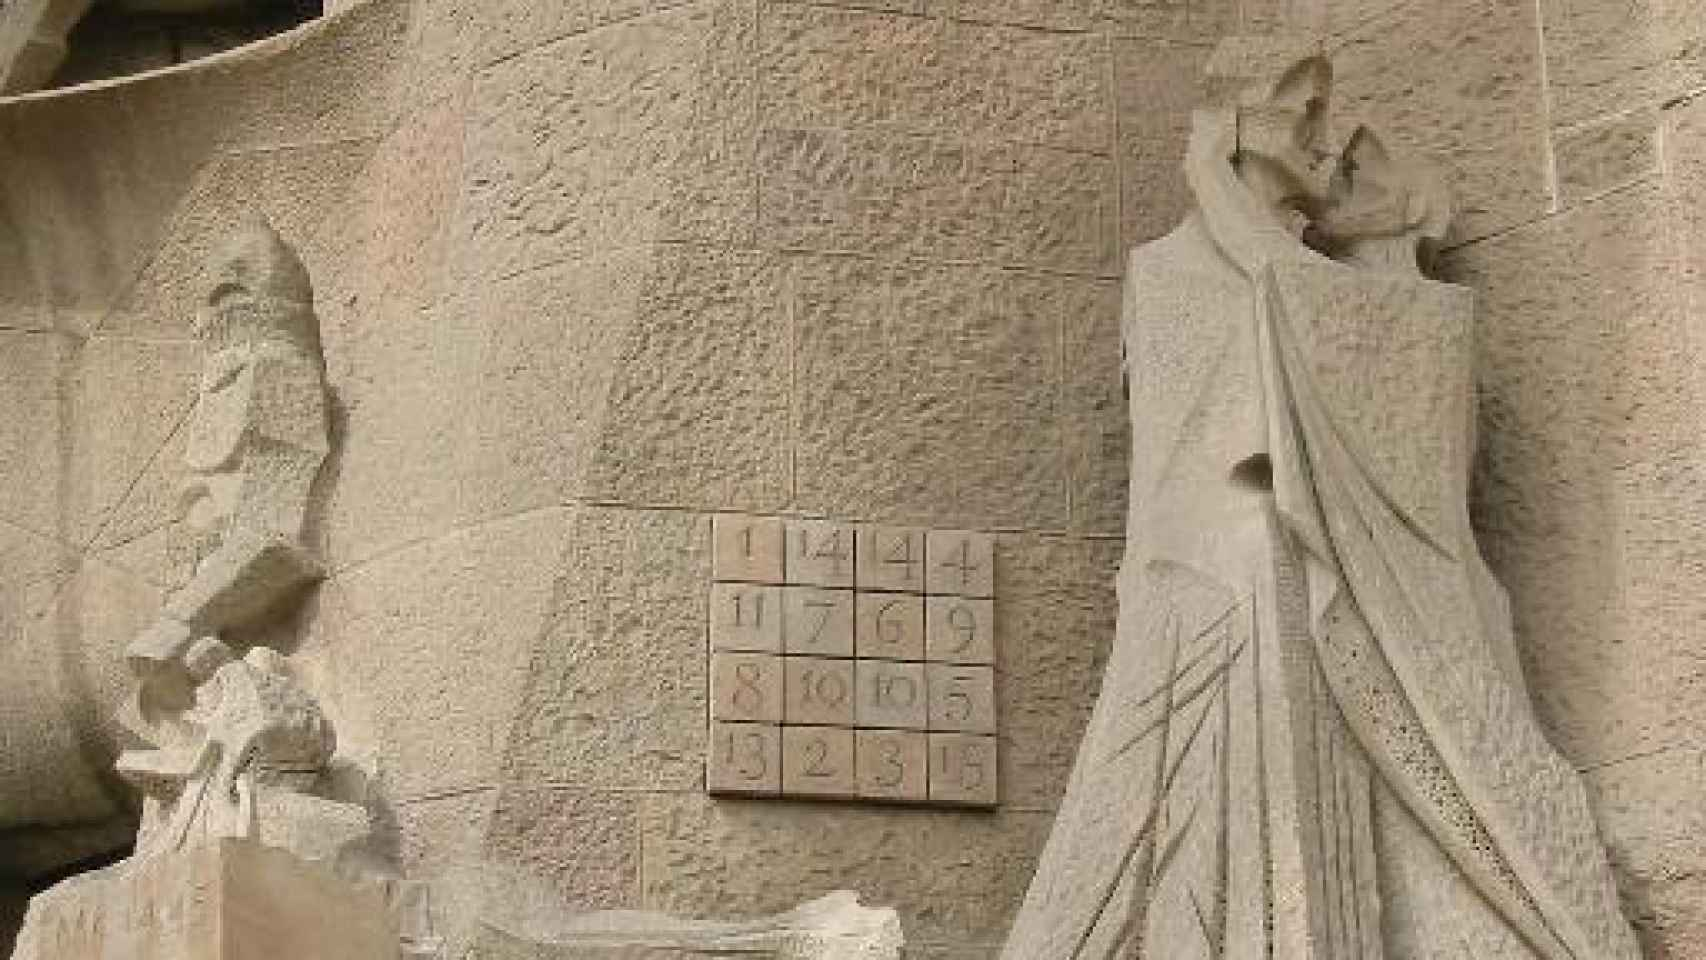 Cuadrado mágico en la Sagrada Familia de Barcelona.